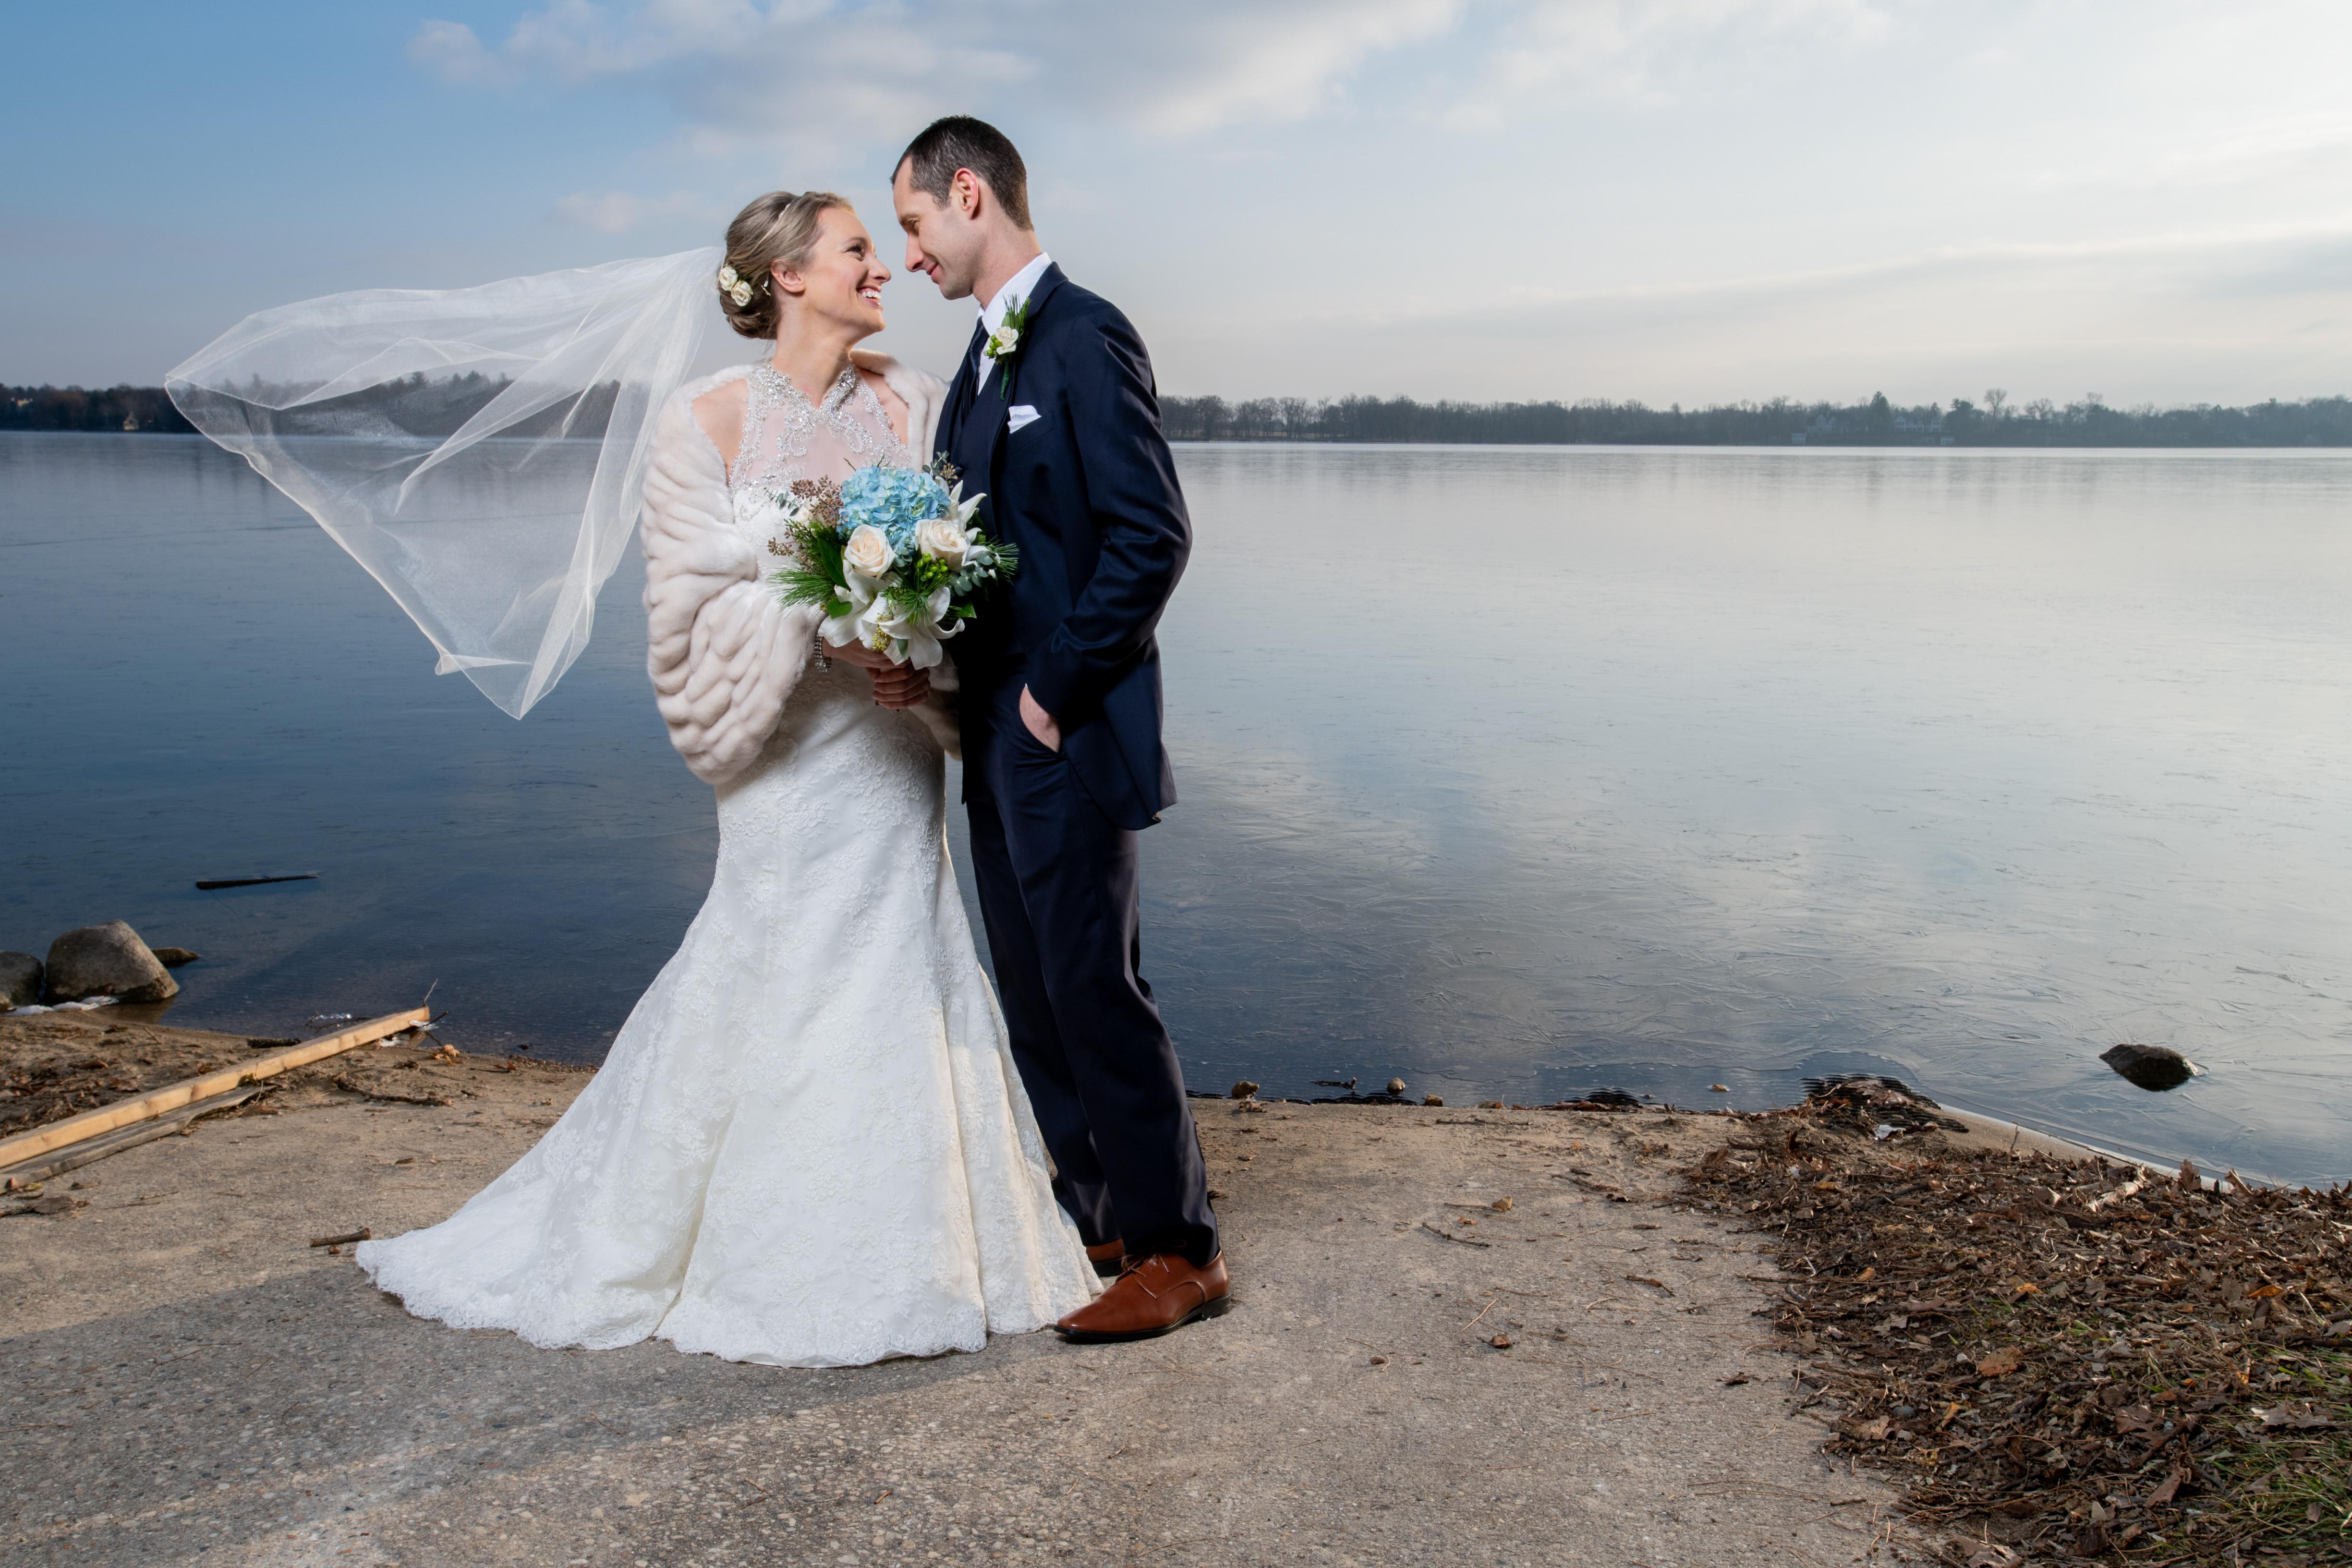 Milwaukee Wedding Photography-Jadon Good Photography_177